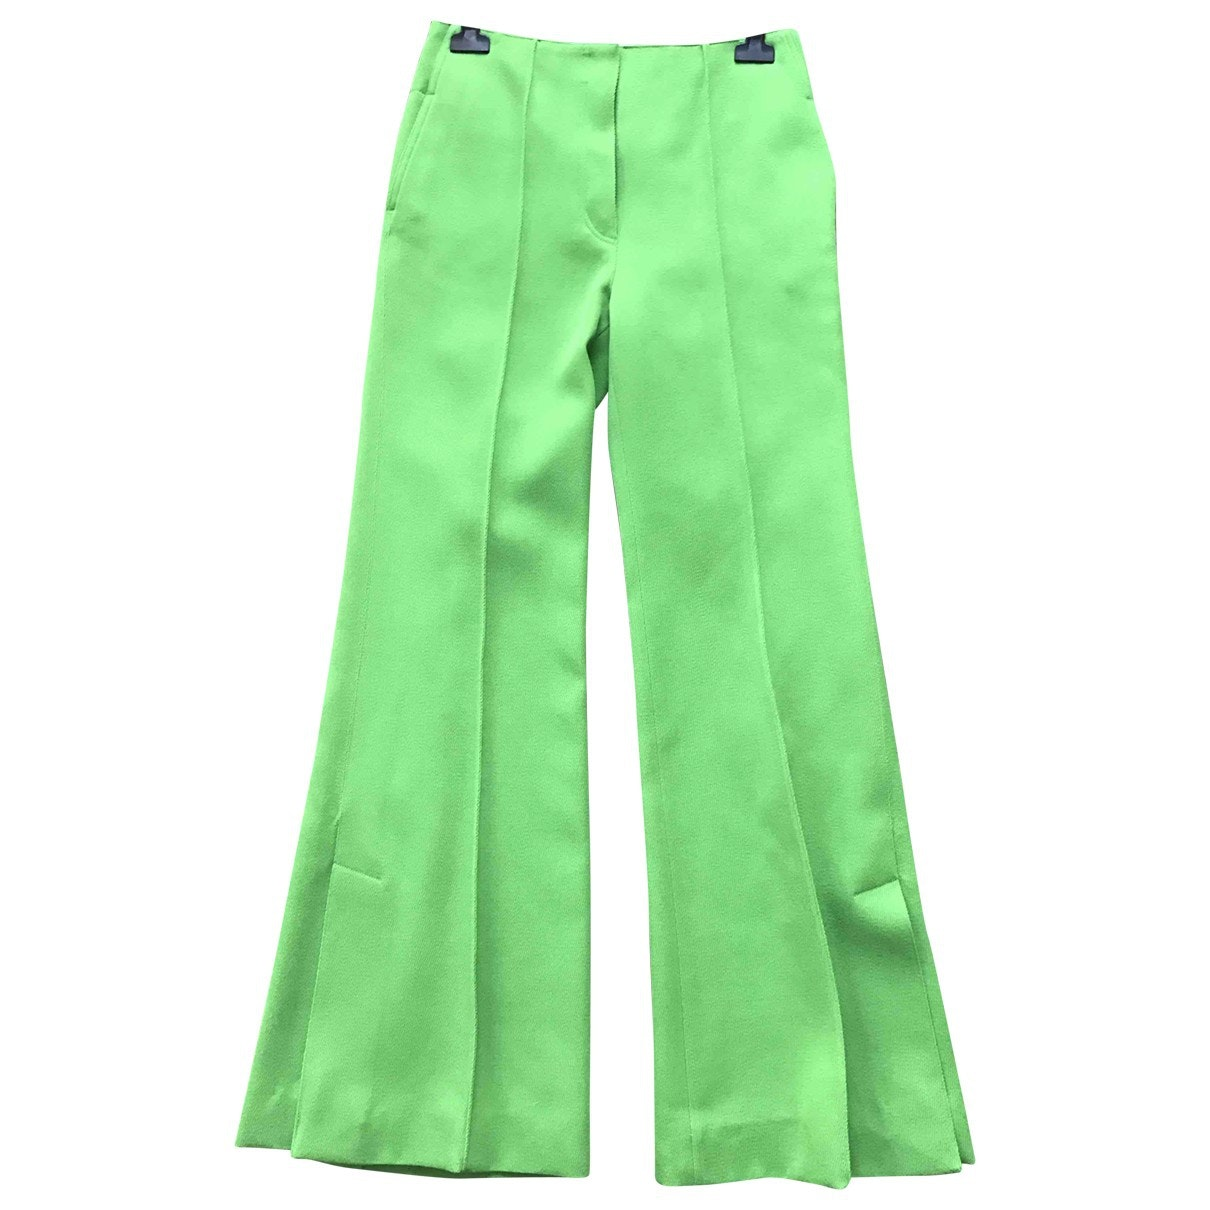 CÉLINE Green Wool Trousers; Size: 36 FR; $610.81